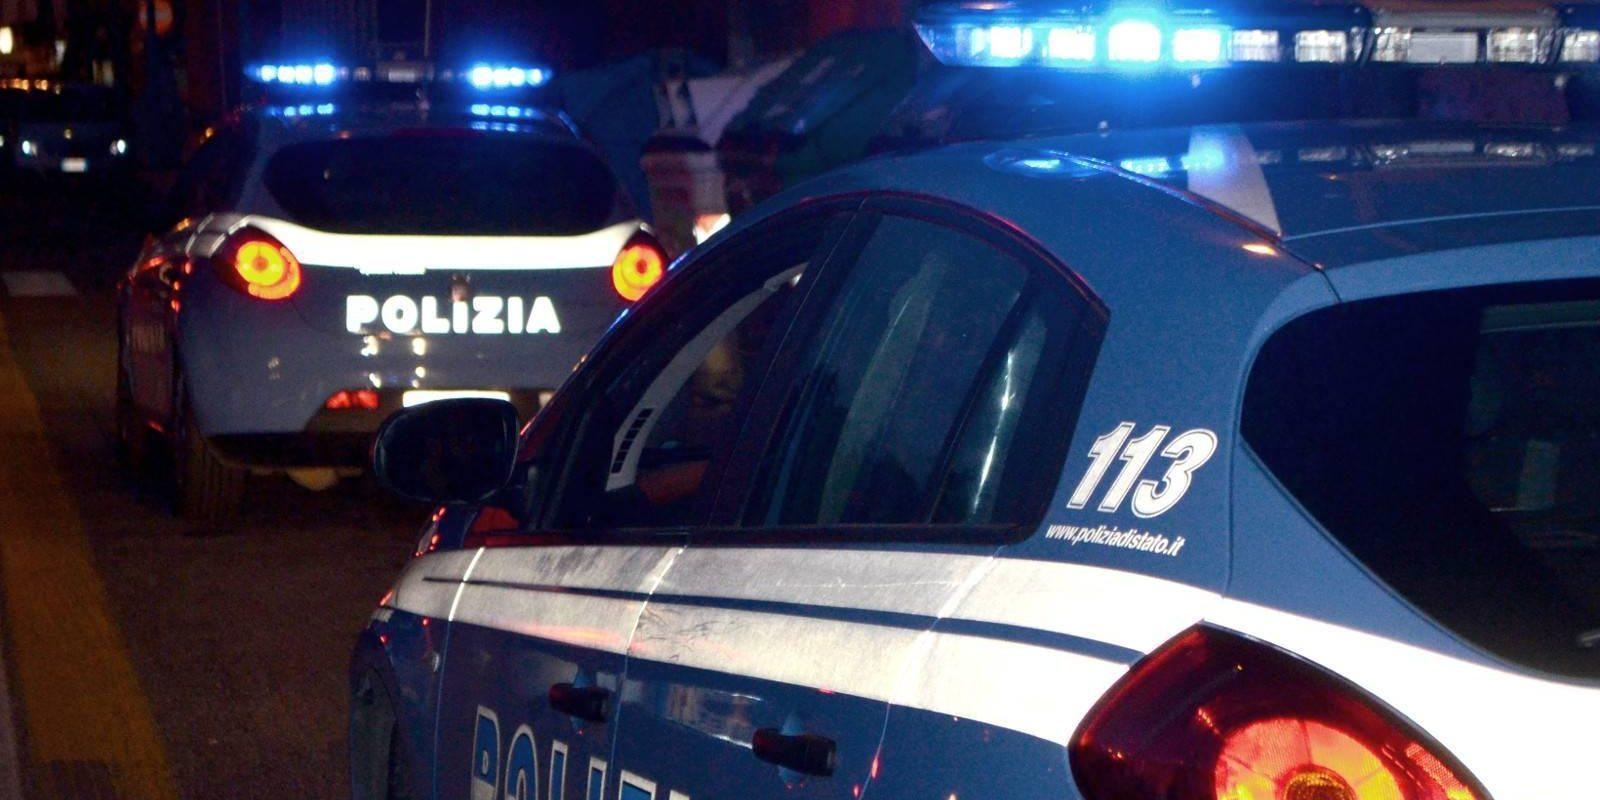 Siracusa, arrestati due giovani per tentata estorsione